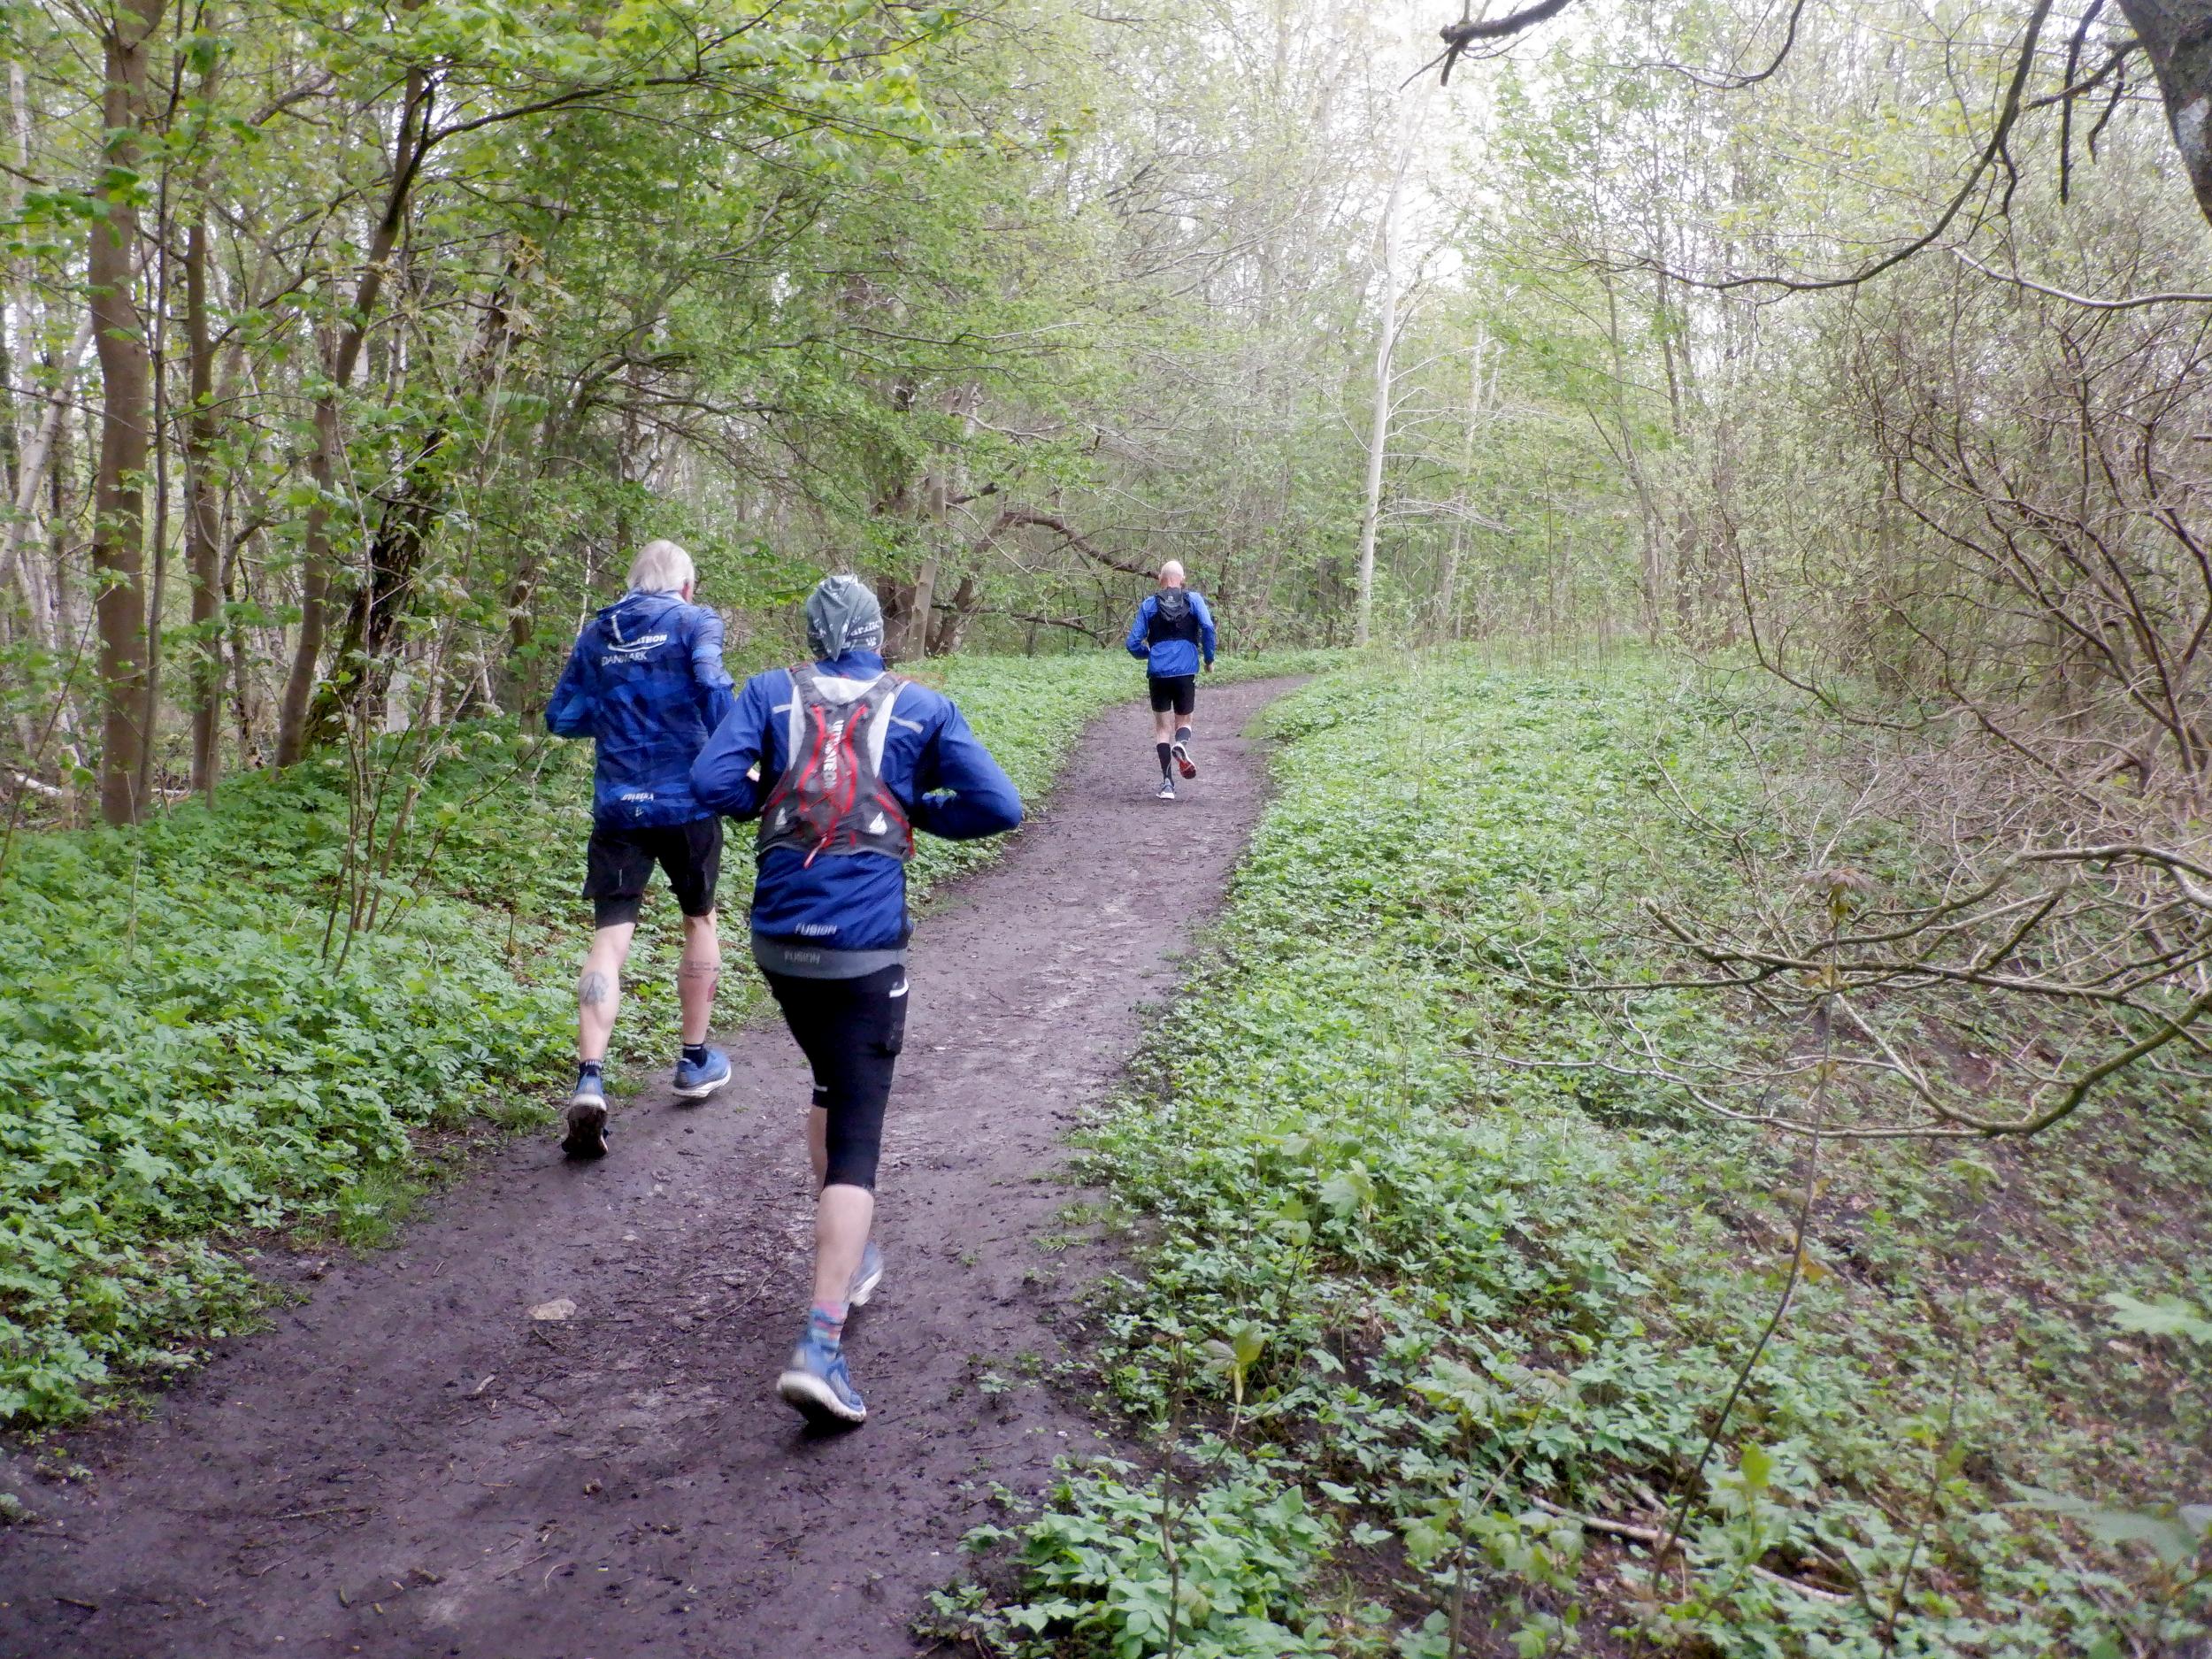 Tre løbere i blåt